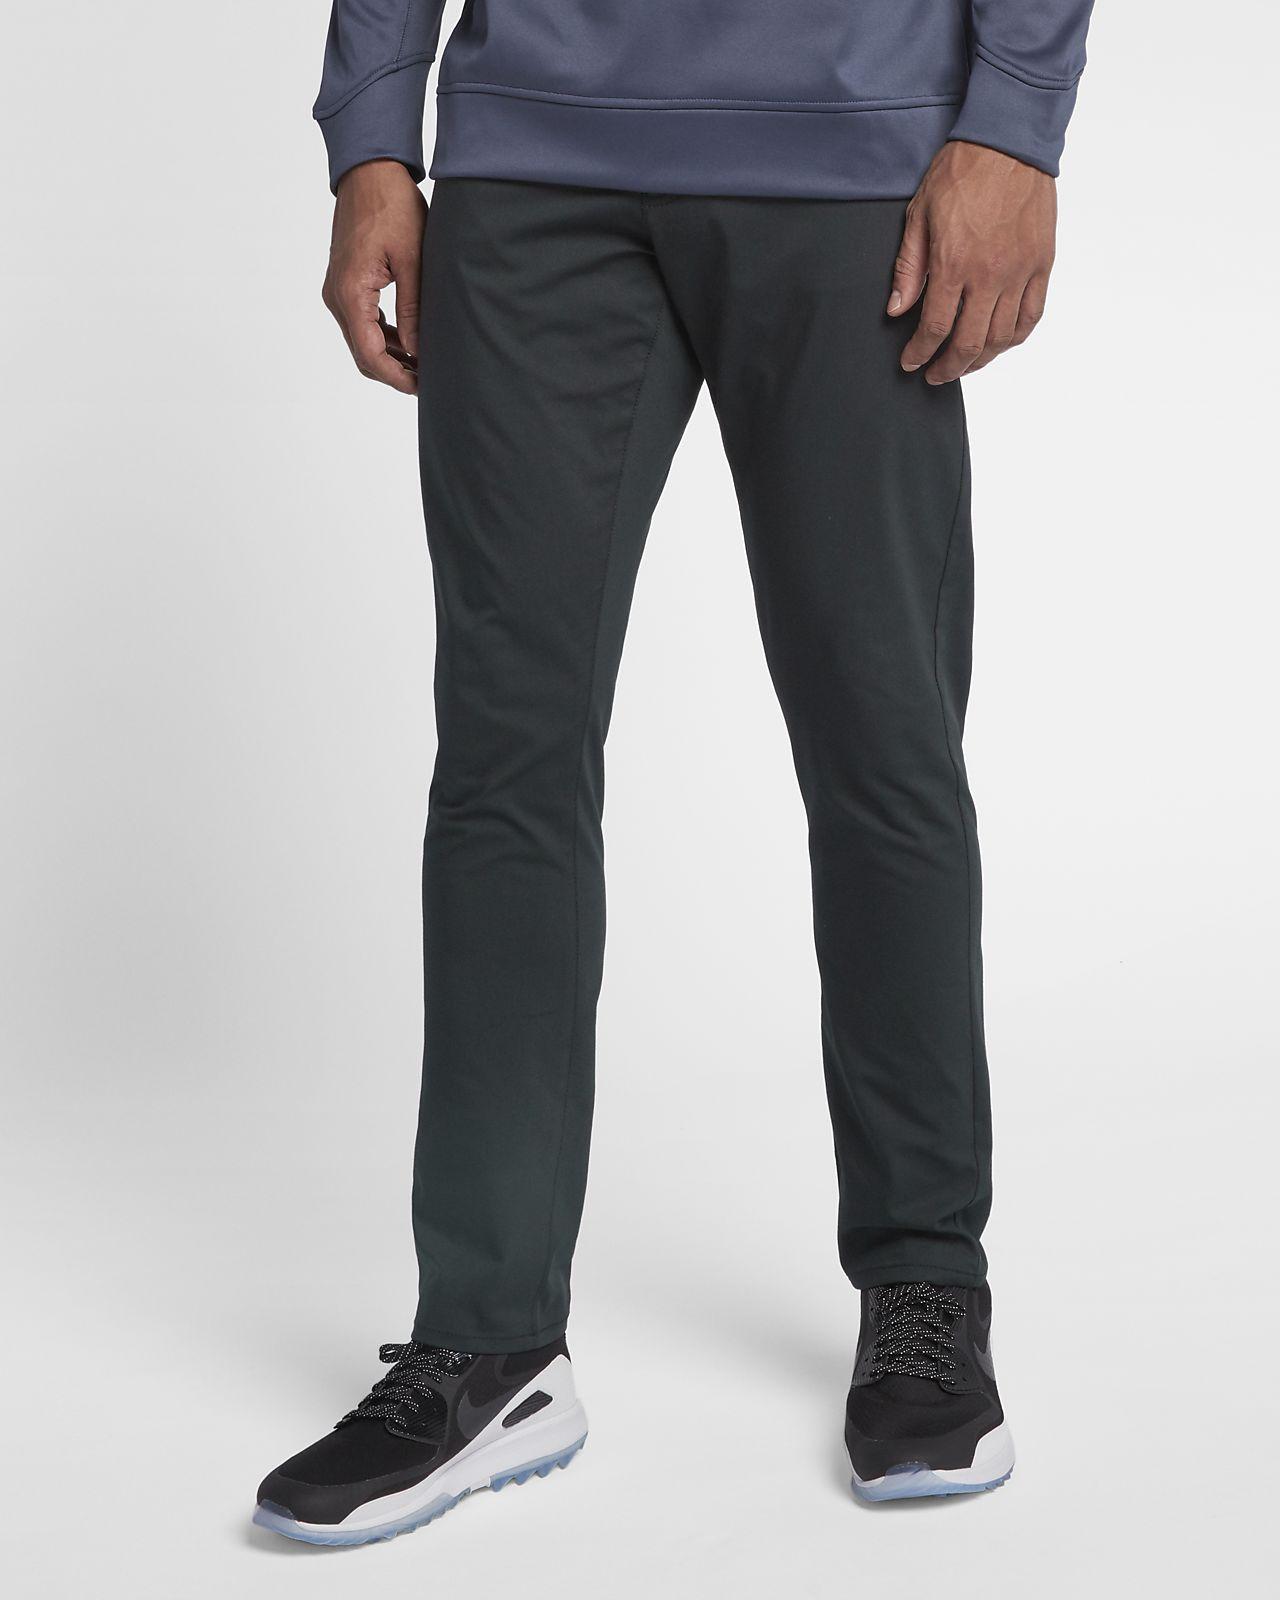 Мужские брюки для гольфа с плотной посадкой Nike Flex 5 Pocket